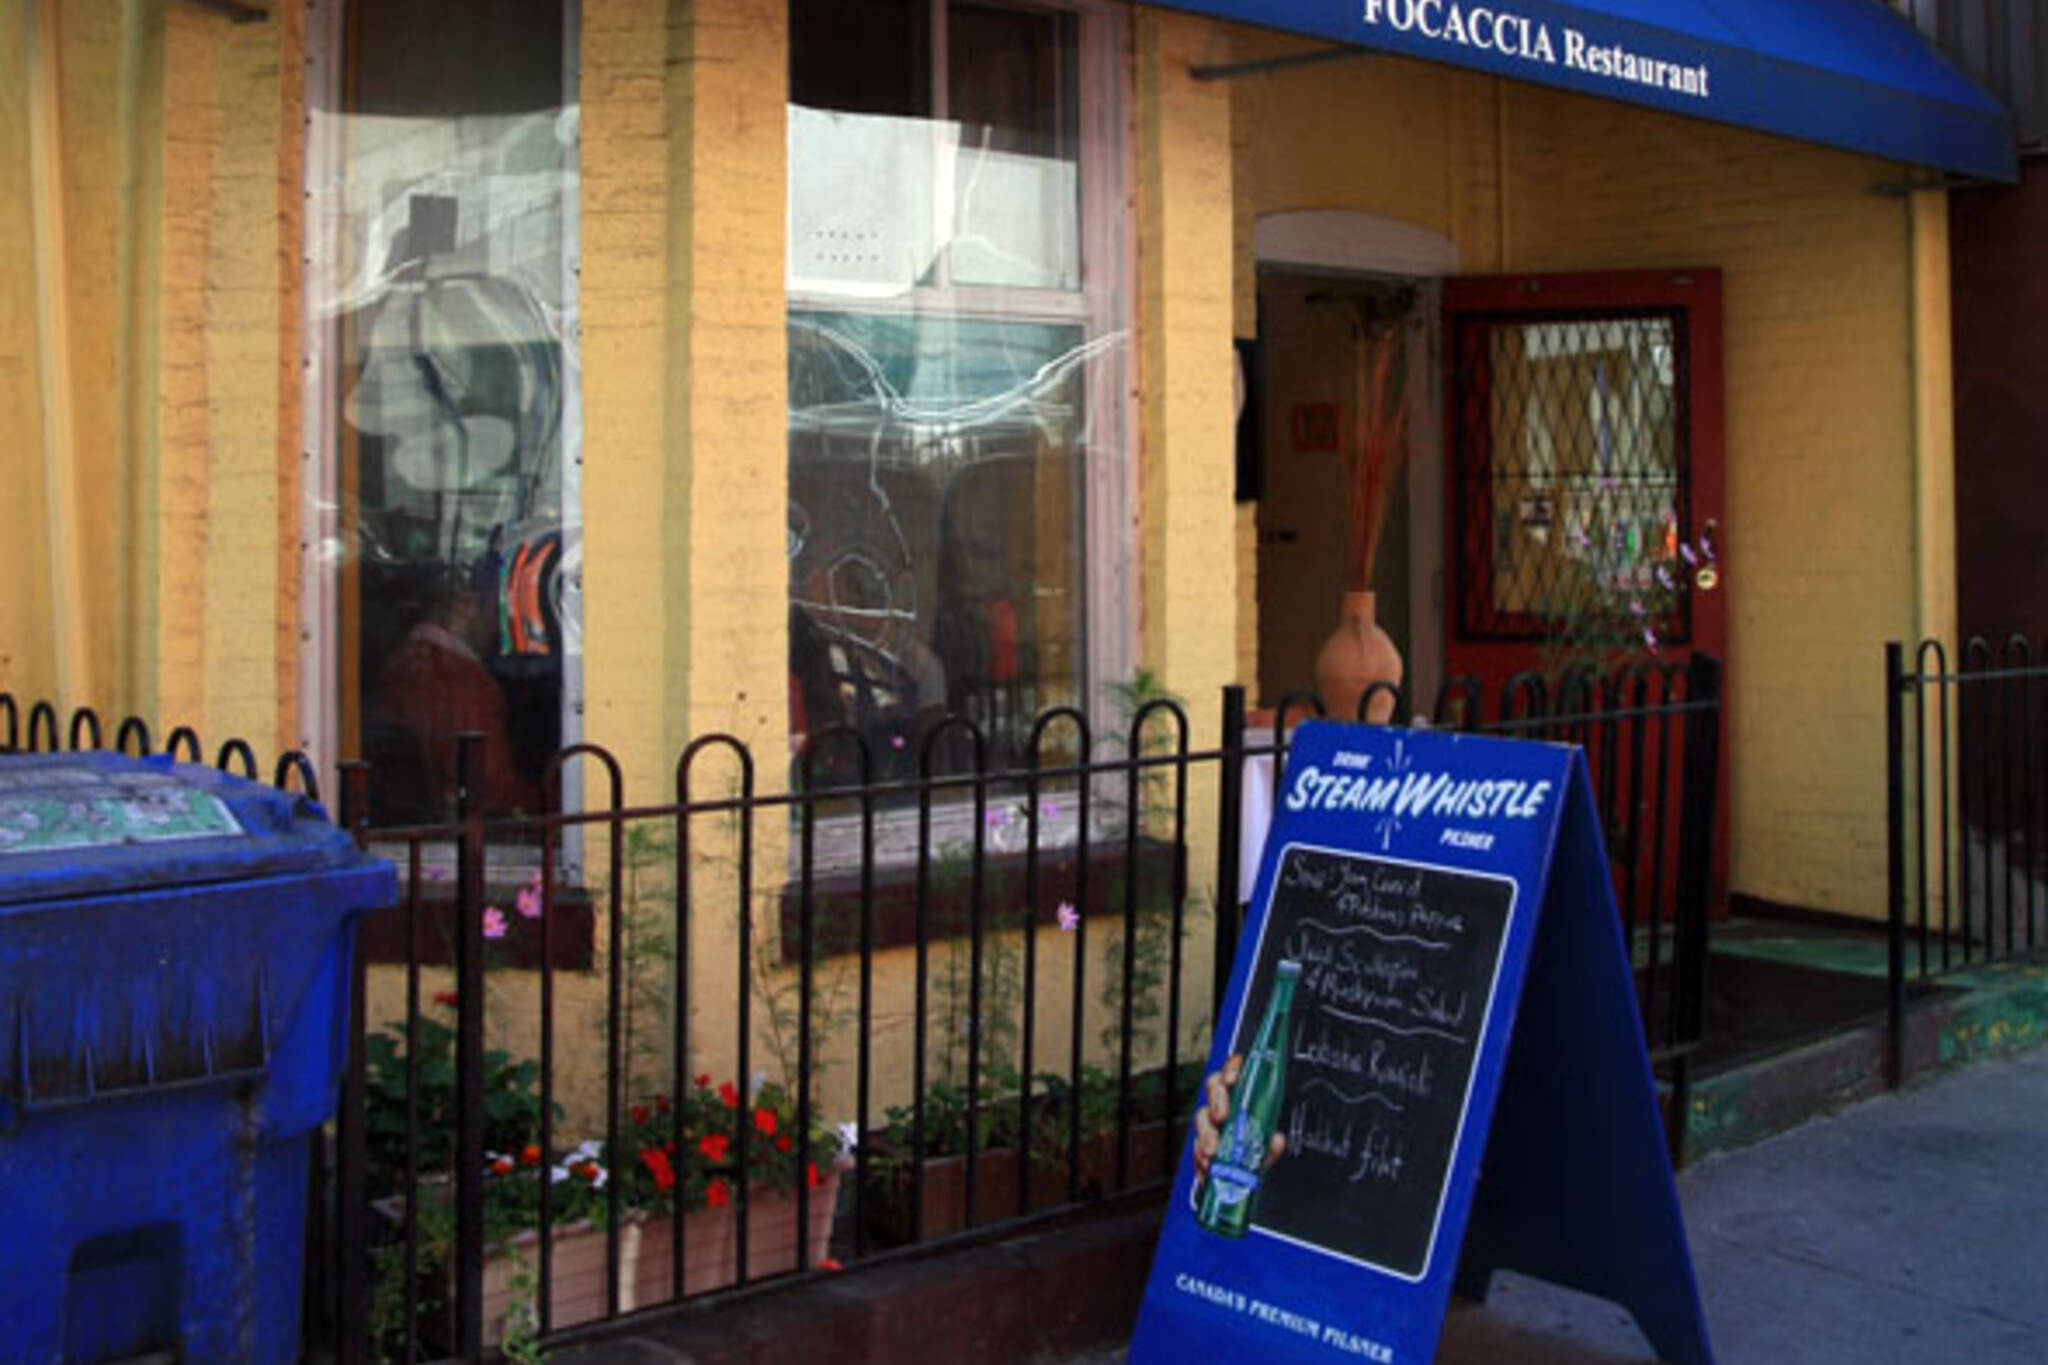 Focaccia Restaurant Toronto